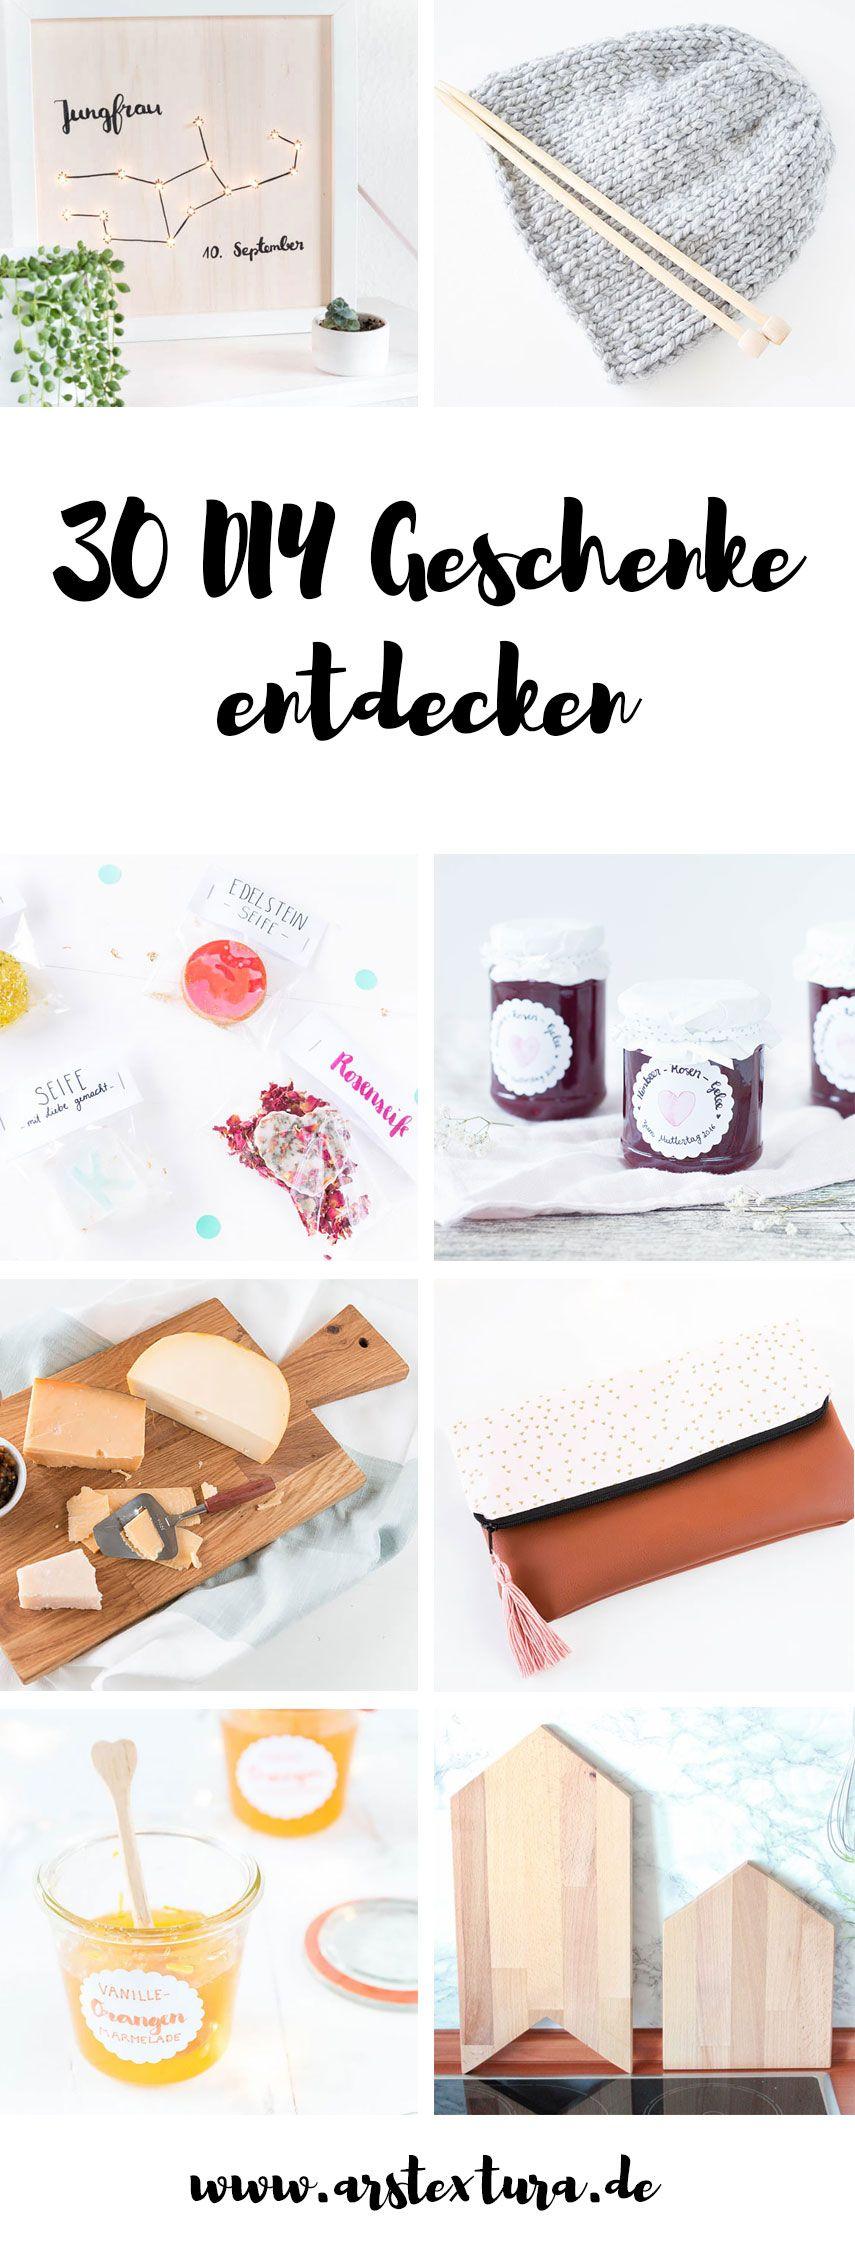 DIY Geschenke | ars textura – DIY-Blog #geschenkefürmännergeburtstag